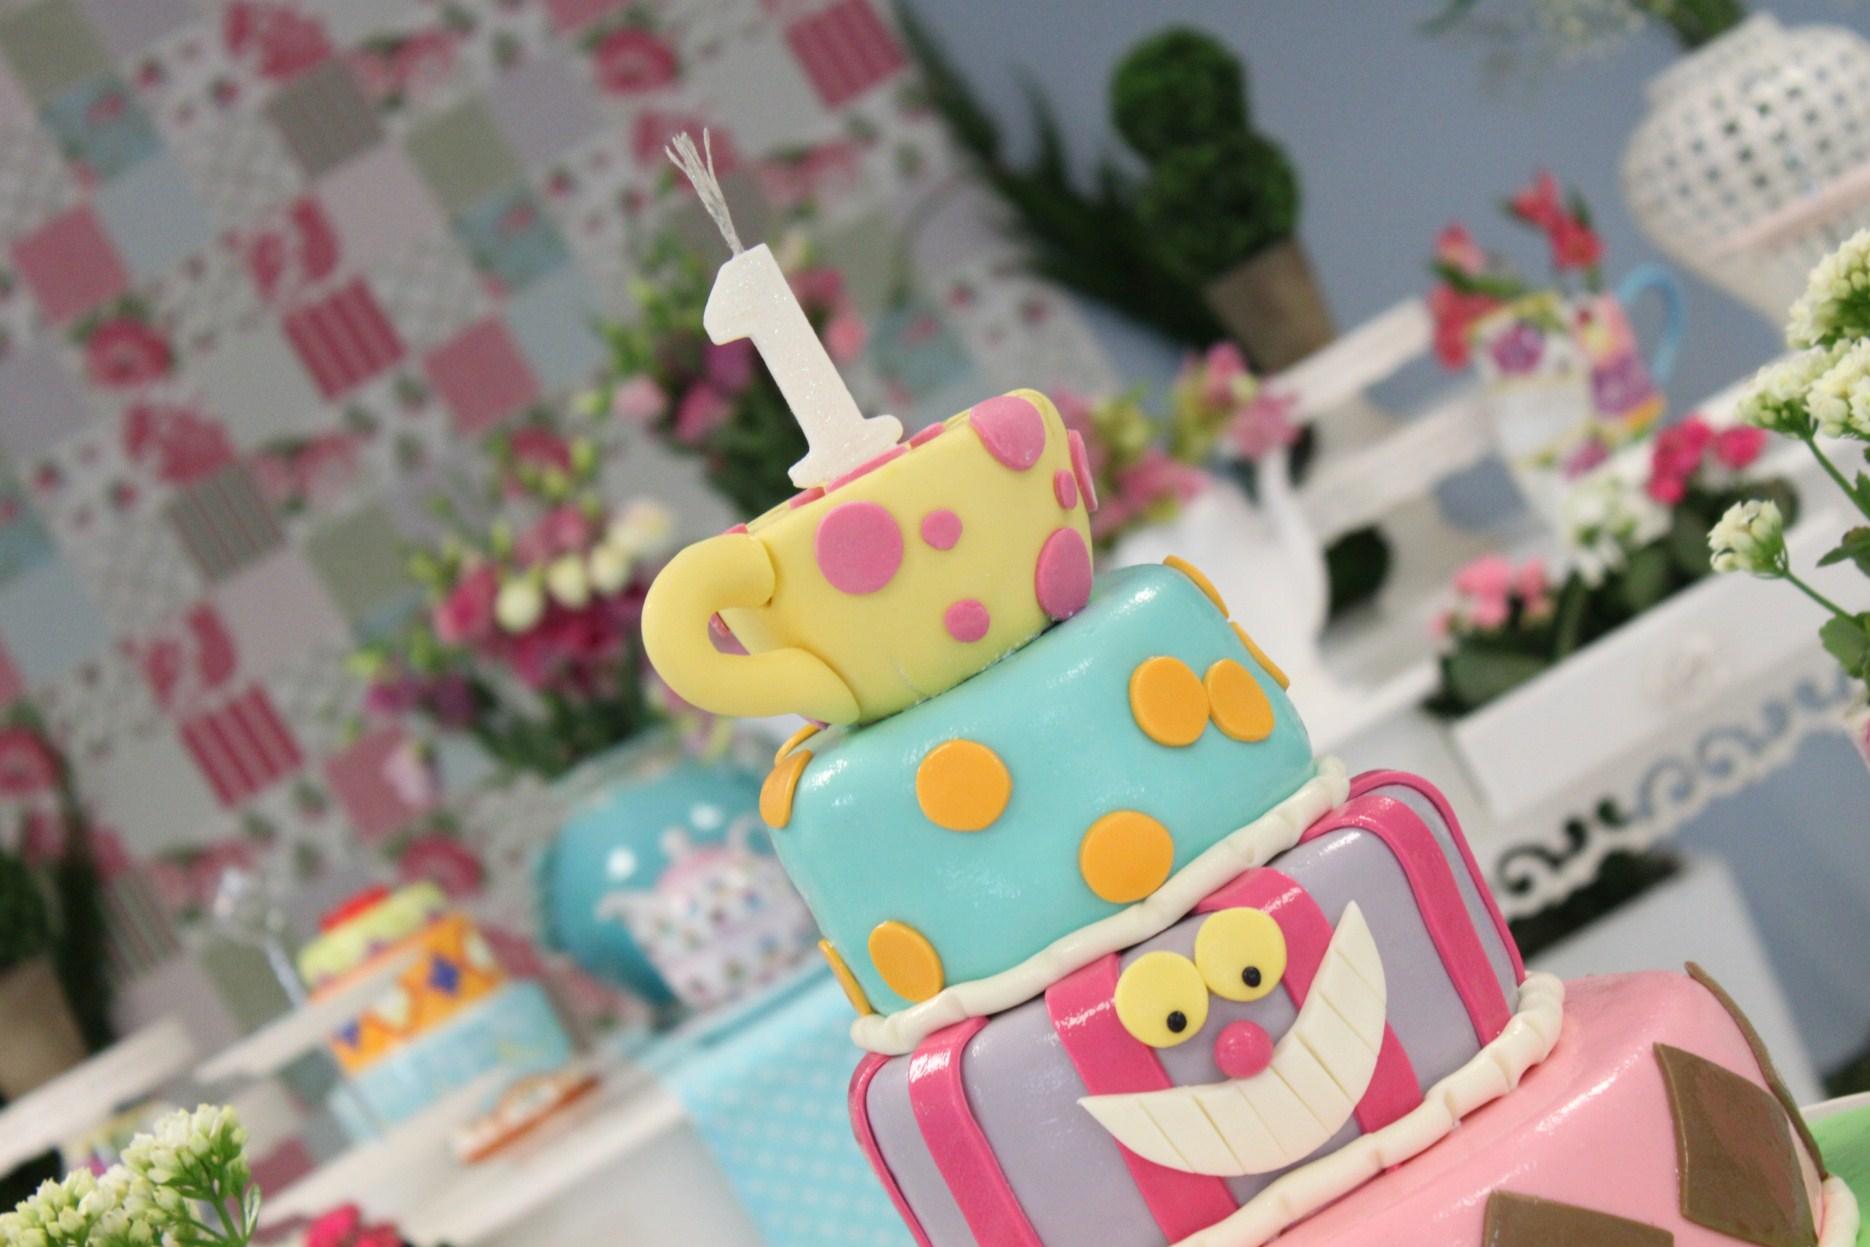 como decorar um aniversário com tema Alice no País das maravilhas